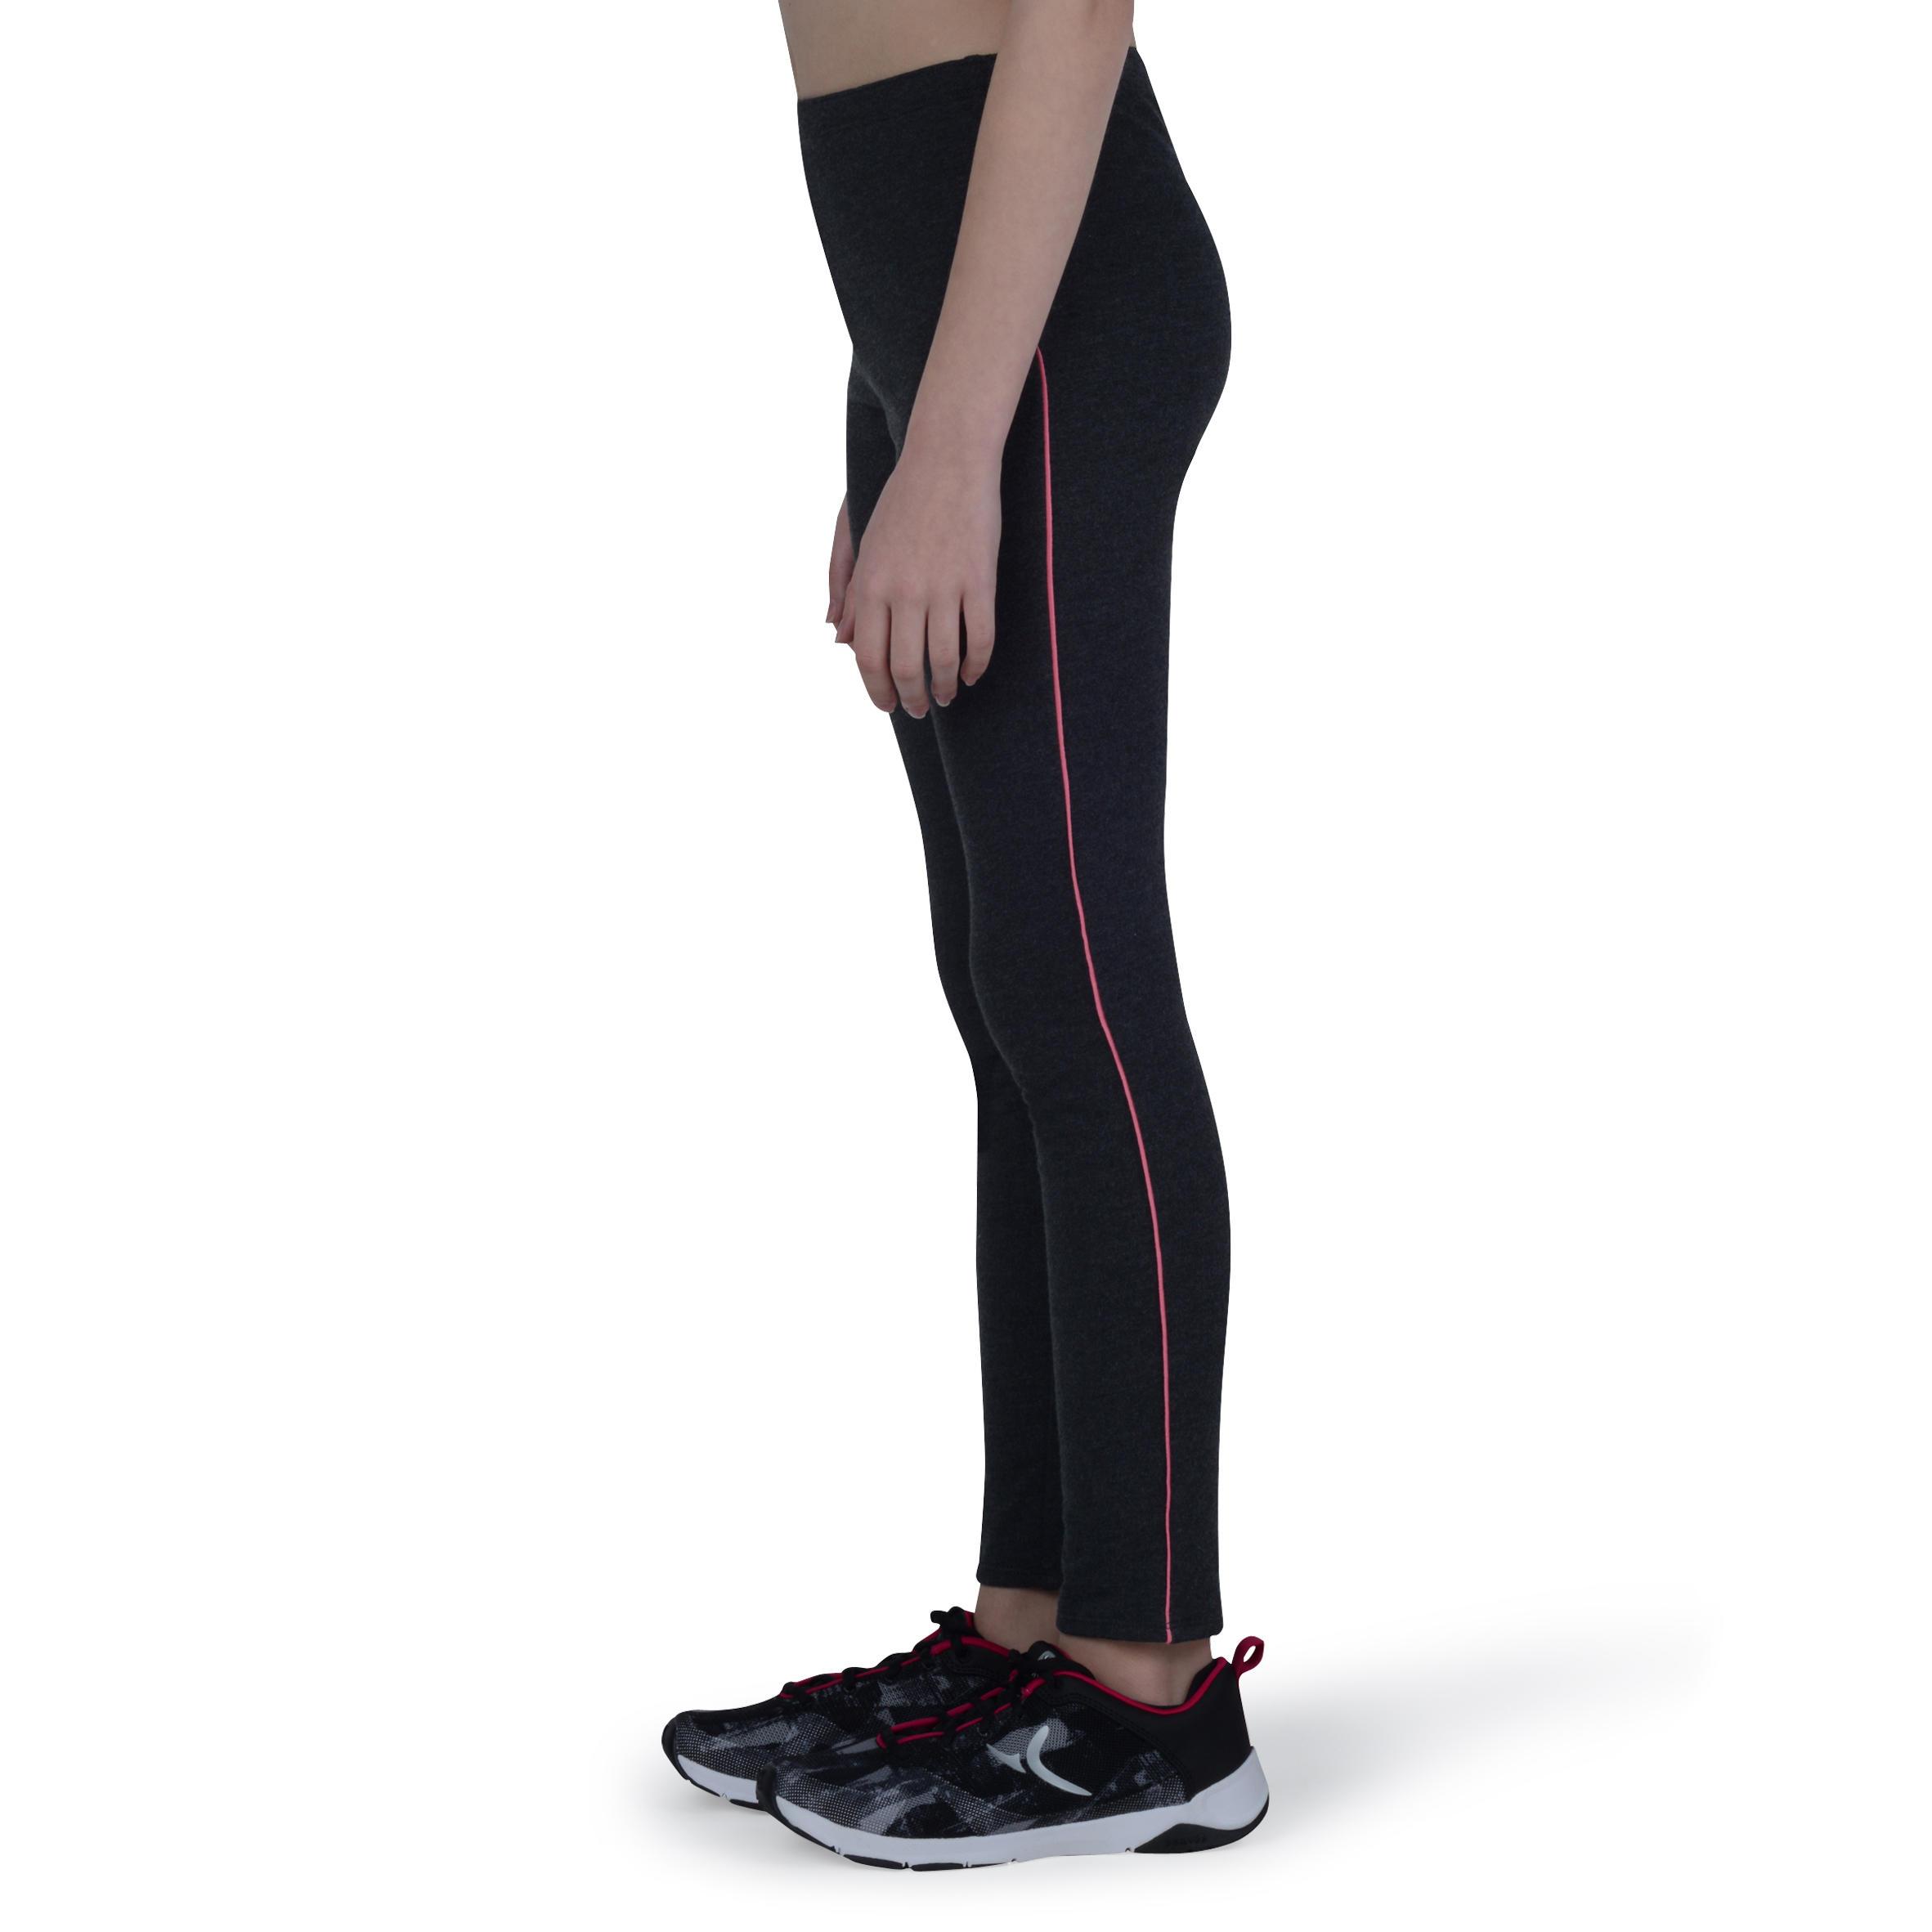 Girls' Warm Gym Leggings - Grey